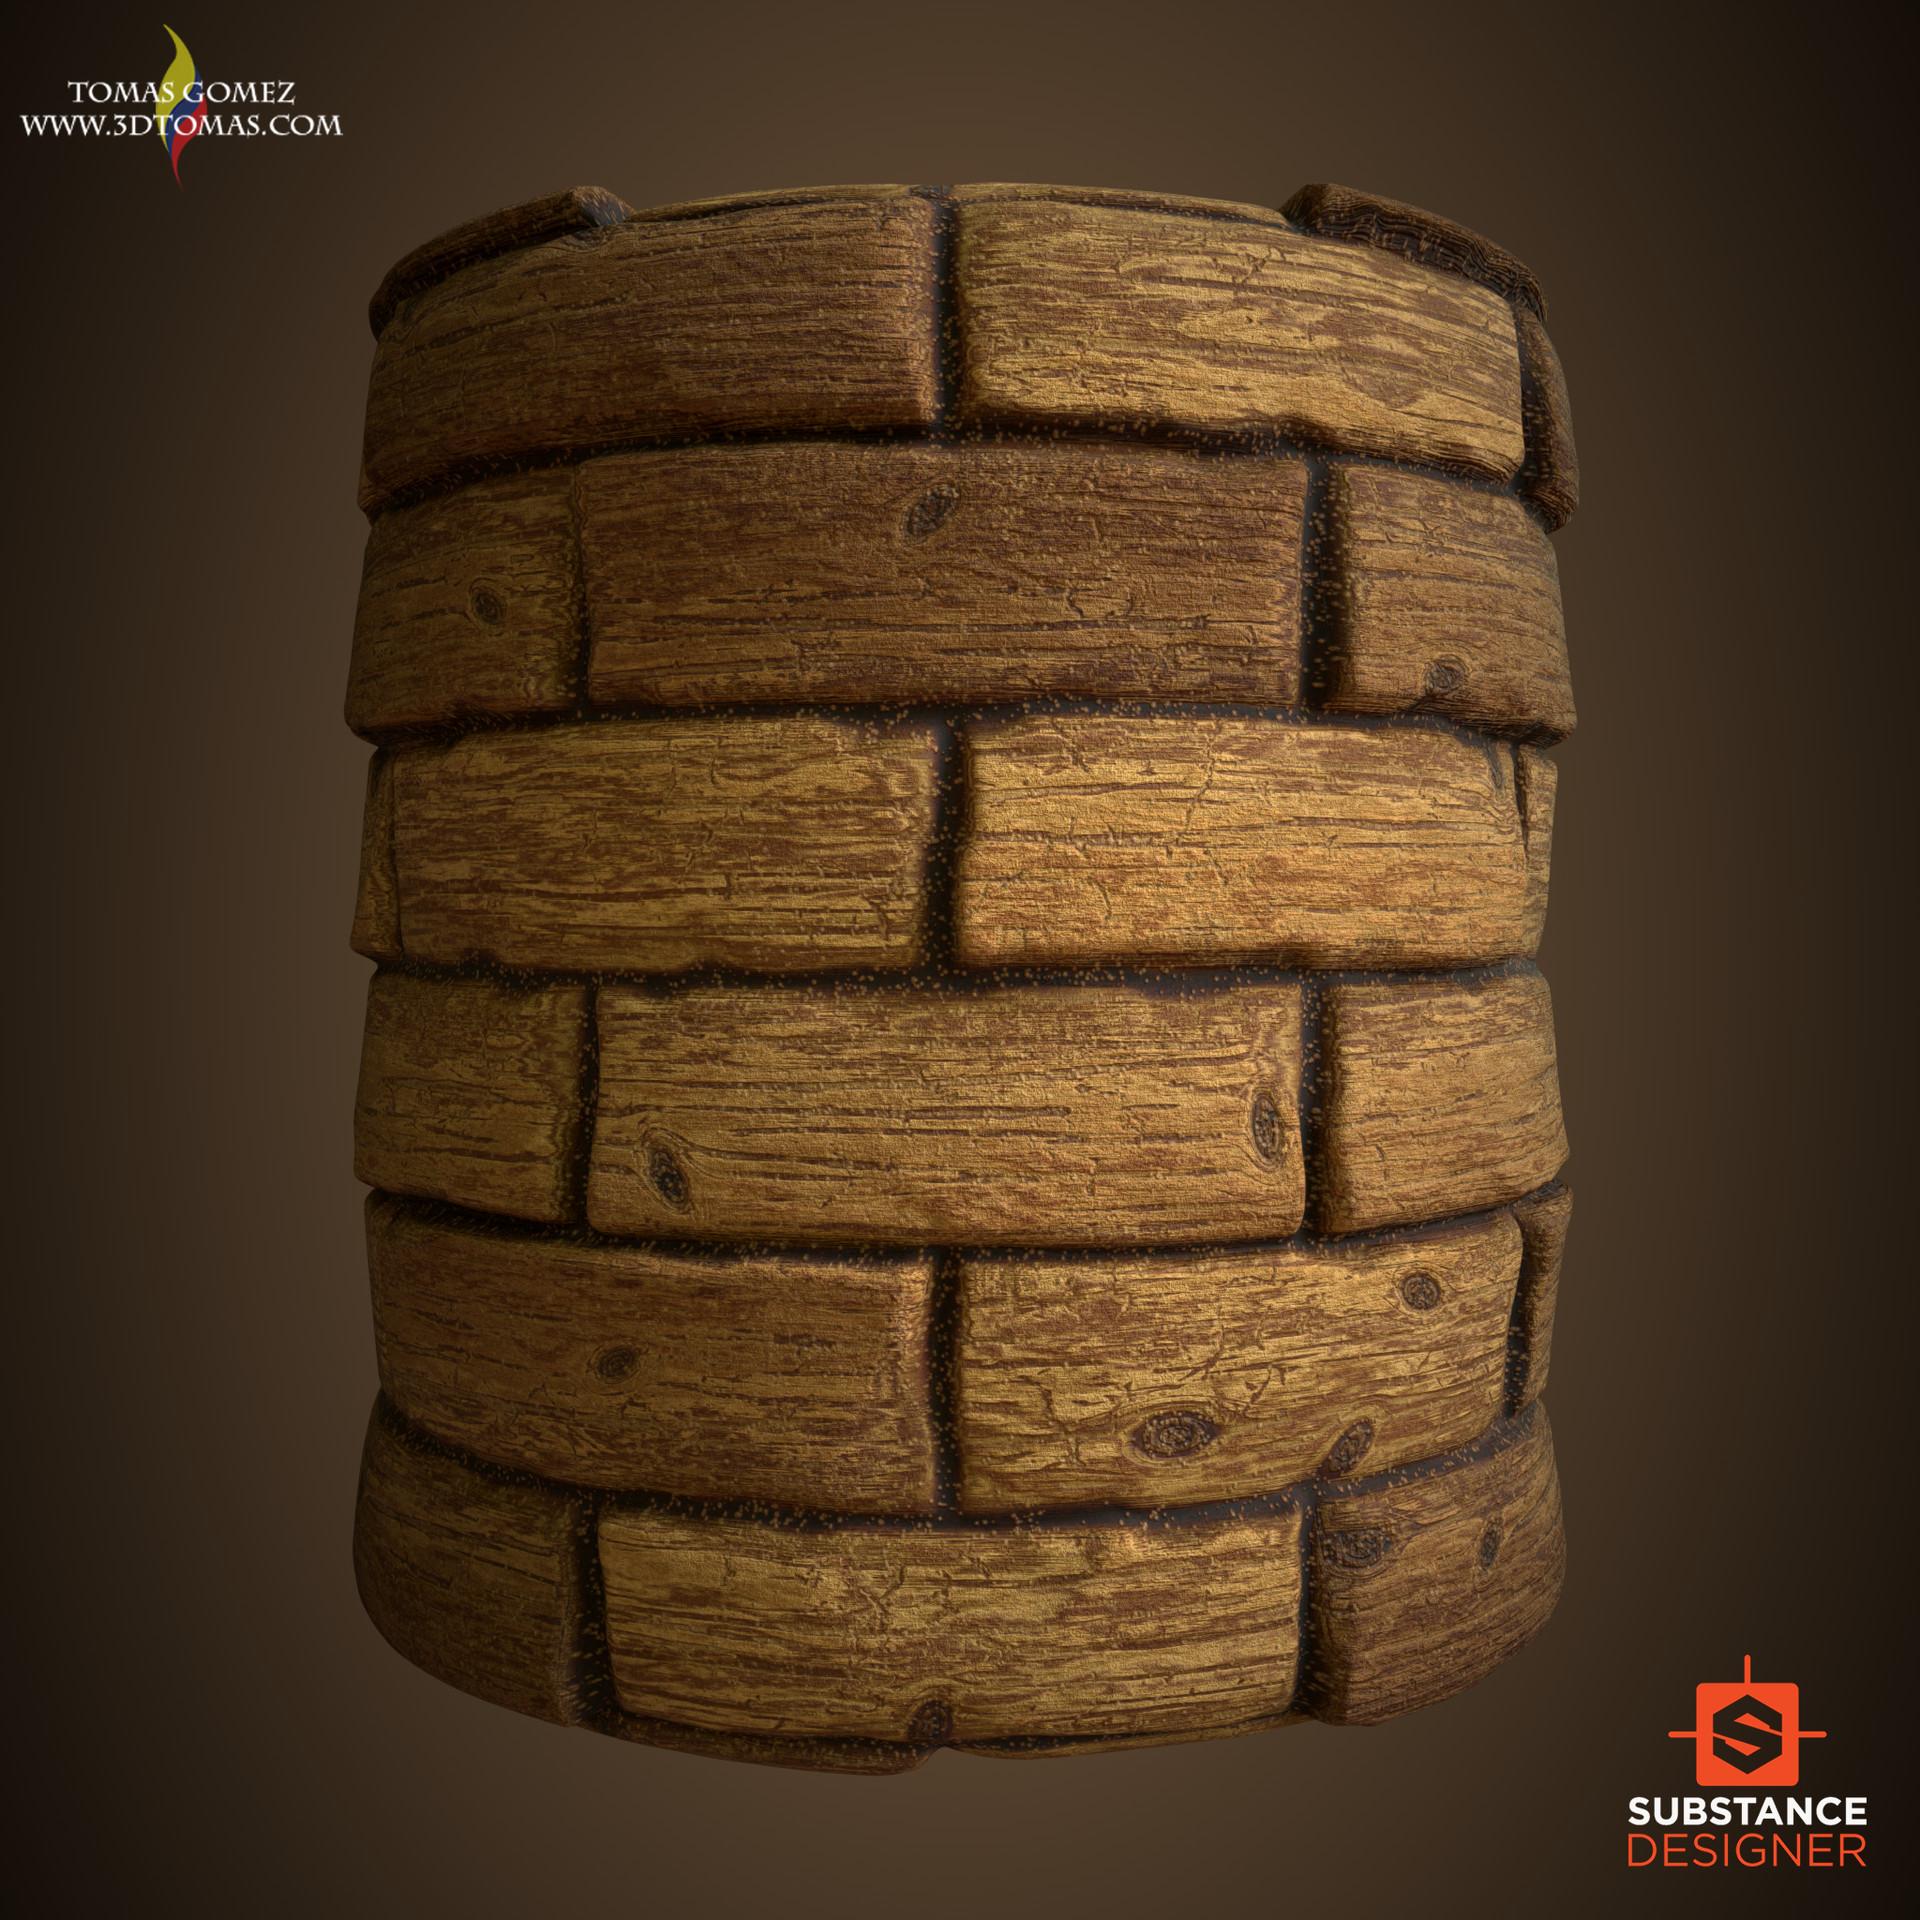 tomas-gomez-wood-render.jpg